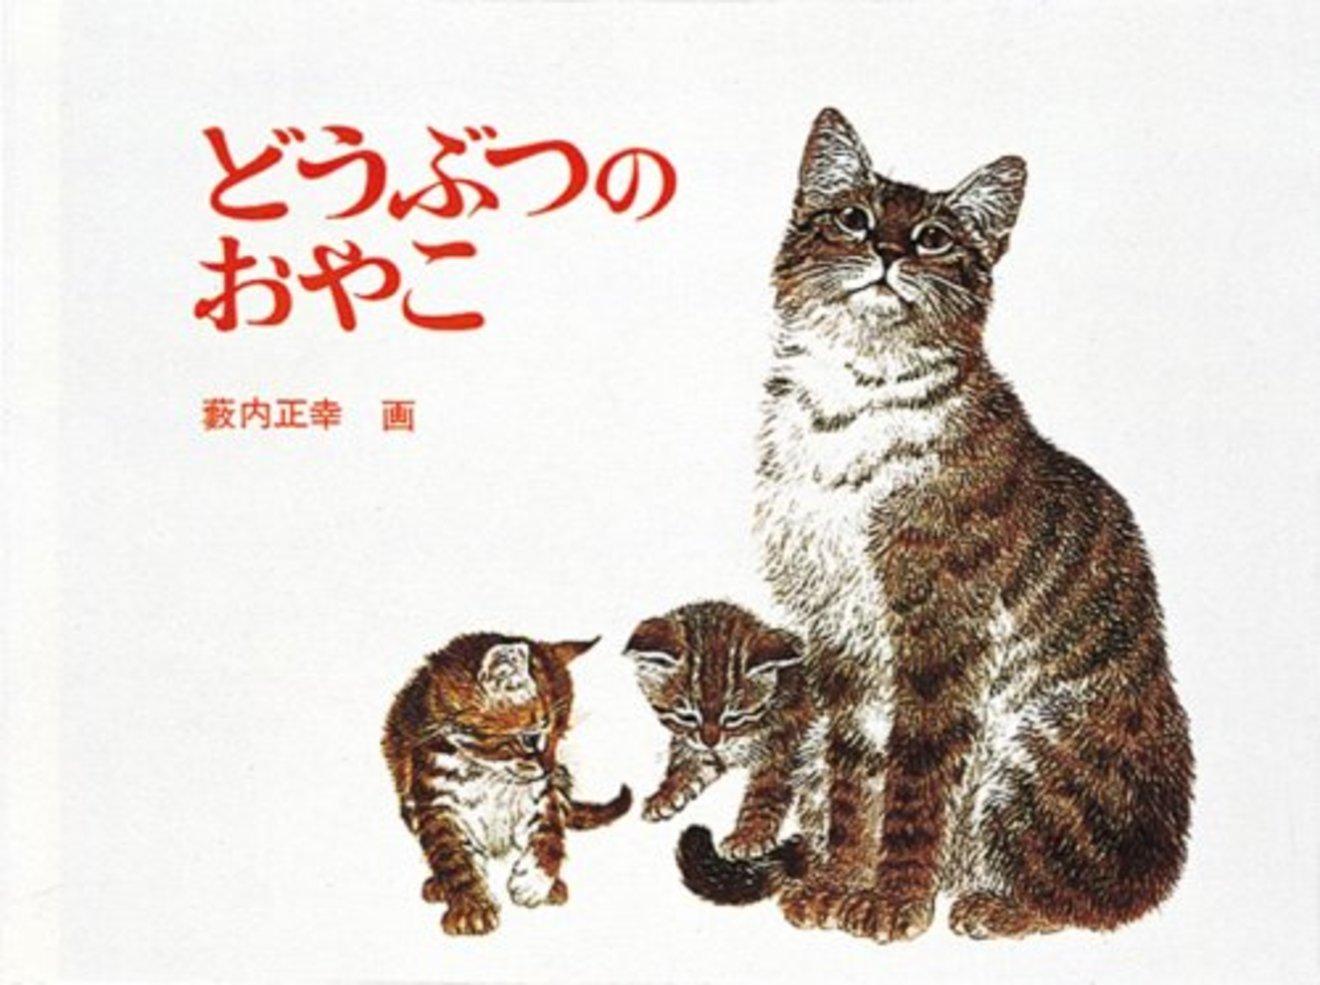 動物のことを学べる絵本おすすめ5選!【年齢別】